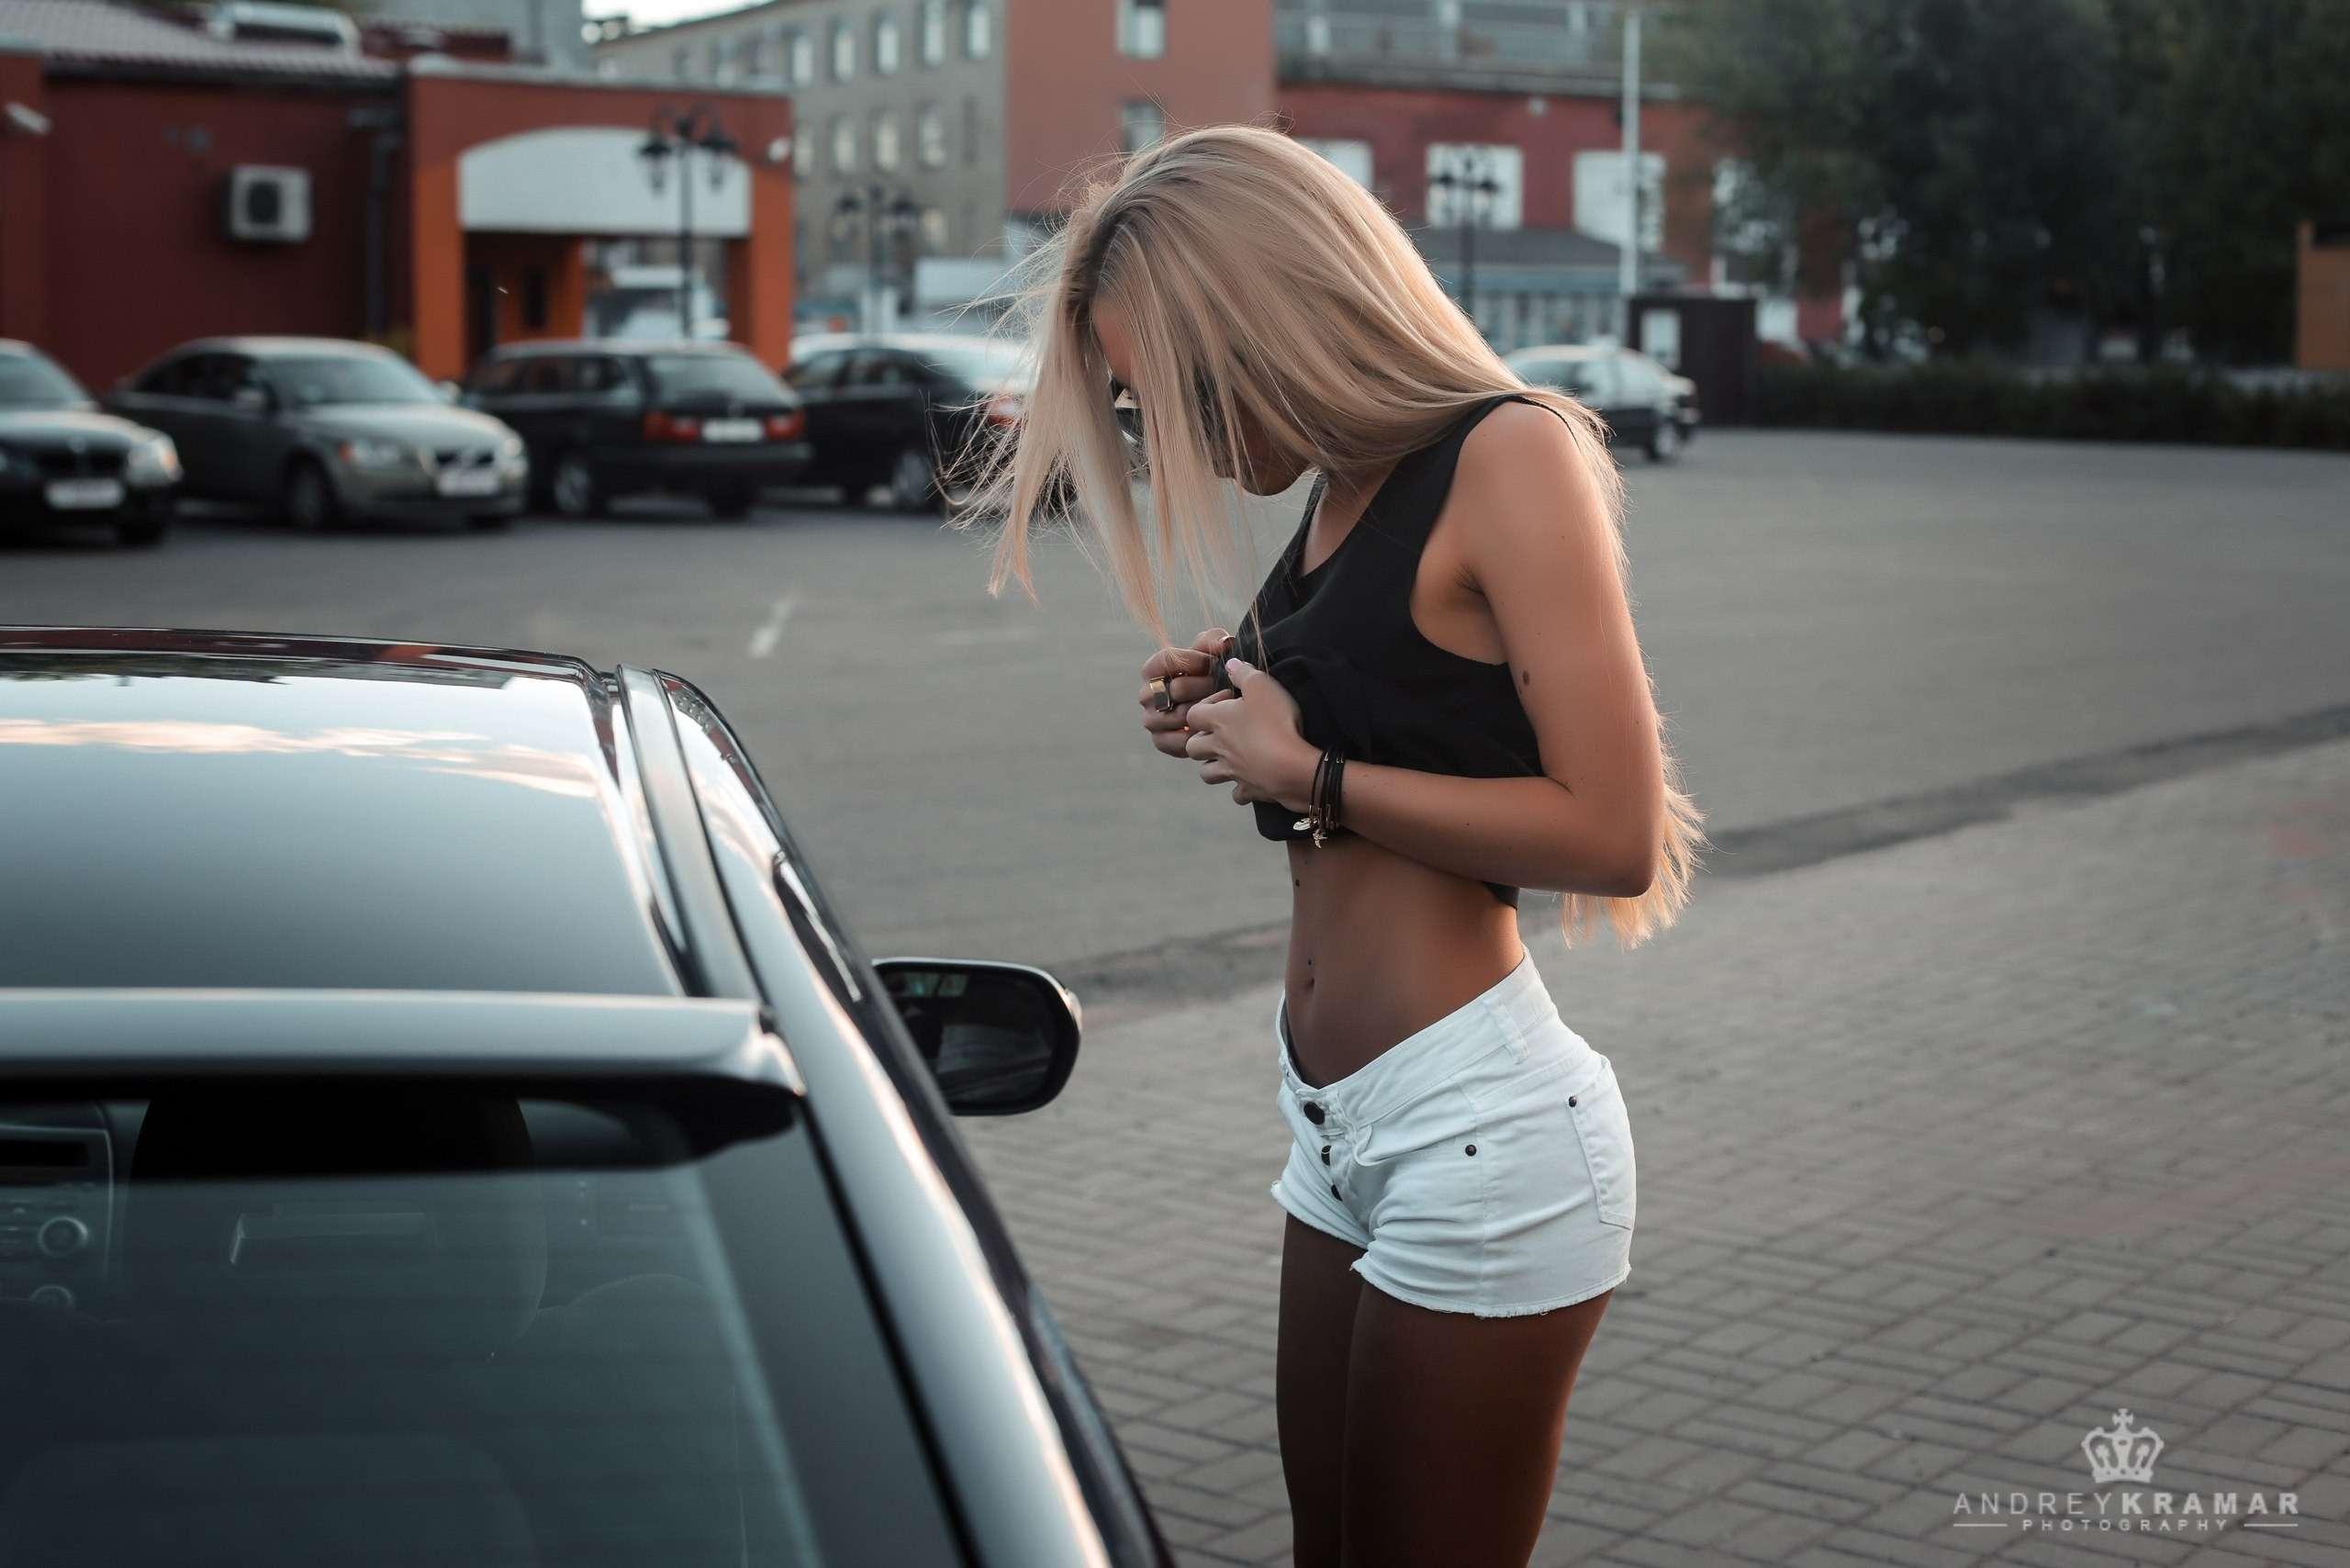 291187 - Сексуальные девушки и автомобили (часть 17)